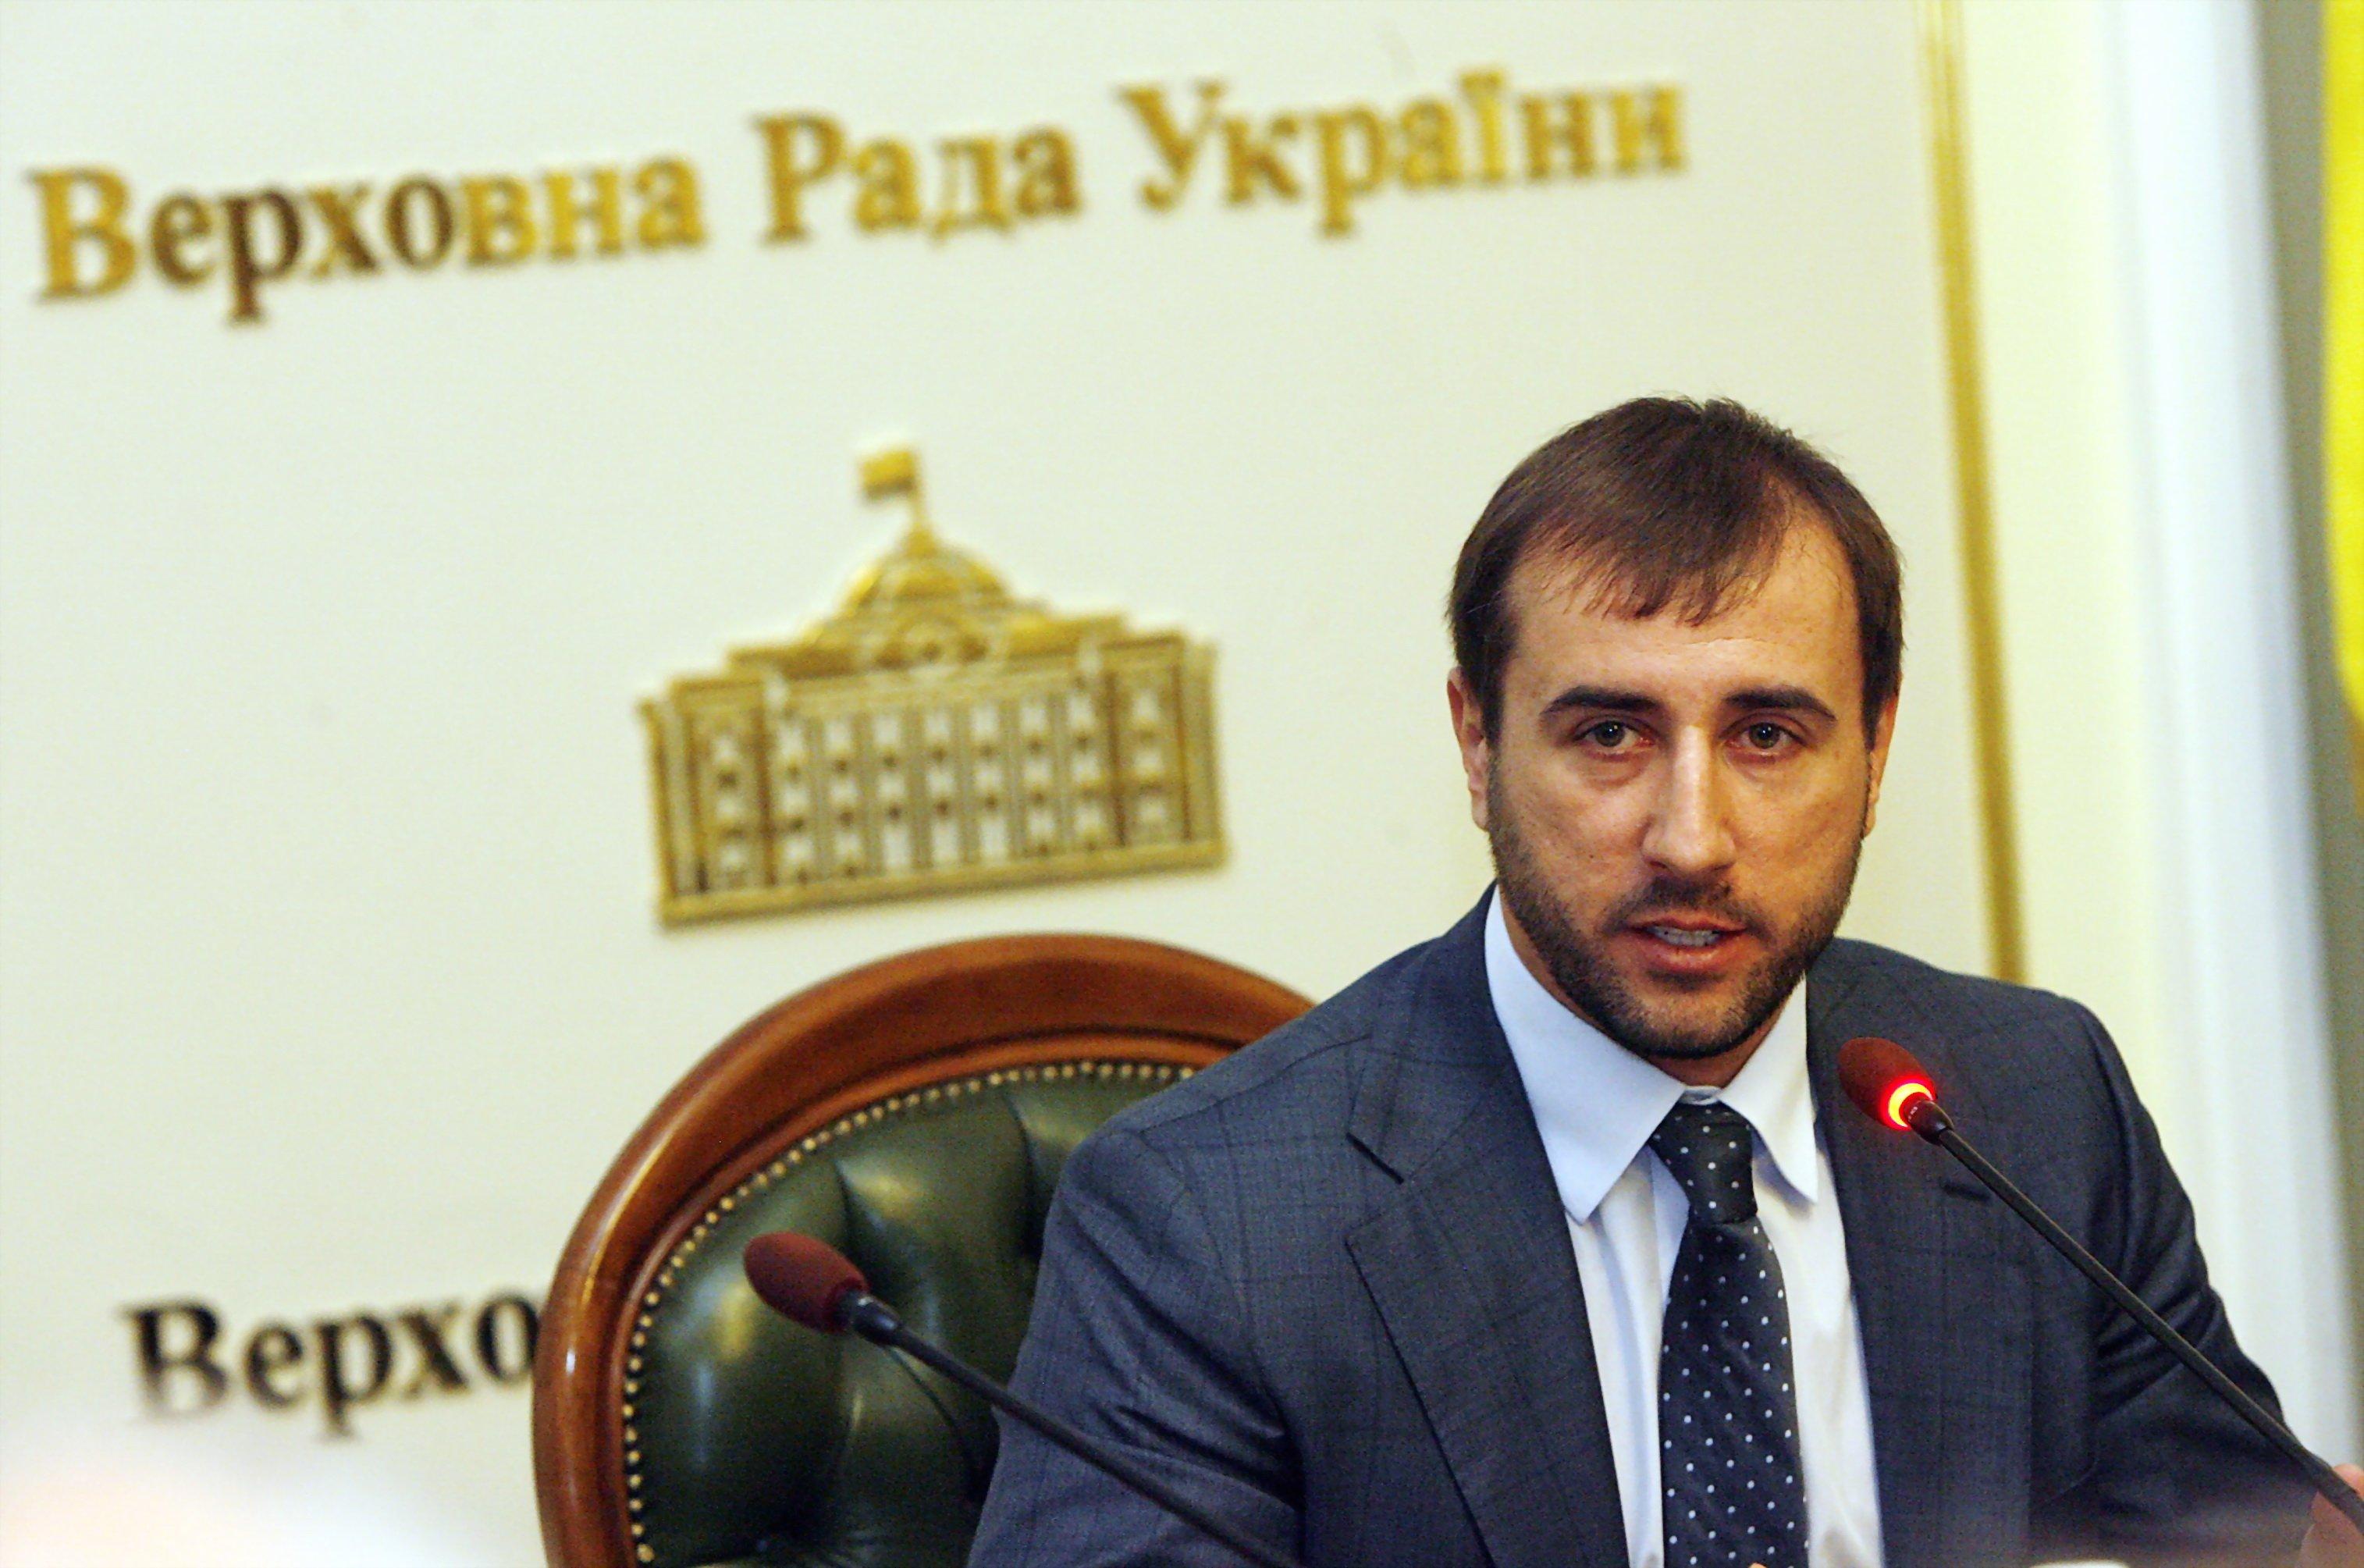 Нардеп Рибалка заявив, що ЦВК має бути незалежною від влади ᐉ Народна